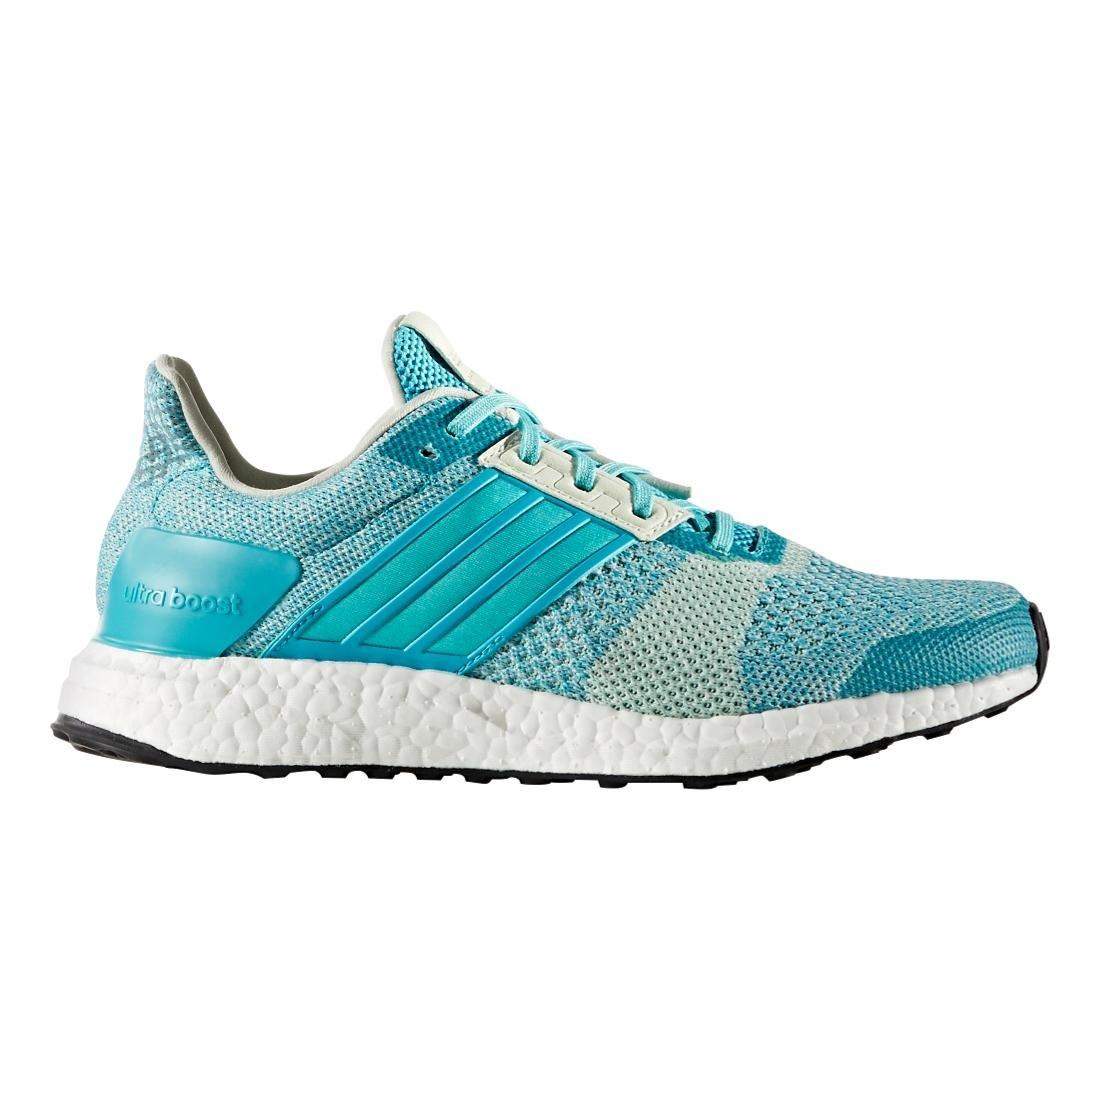 Bleu Vert (Energy bleu Easy vert Linen vert) 42 EU Adidas Perforhommece Ultra Boost rue chaussure de course, gris   blanc   lueur pourpre, 5 M Us